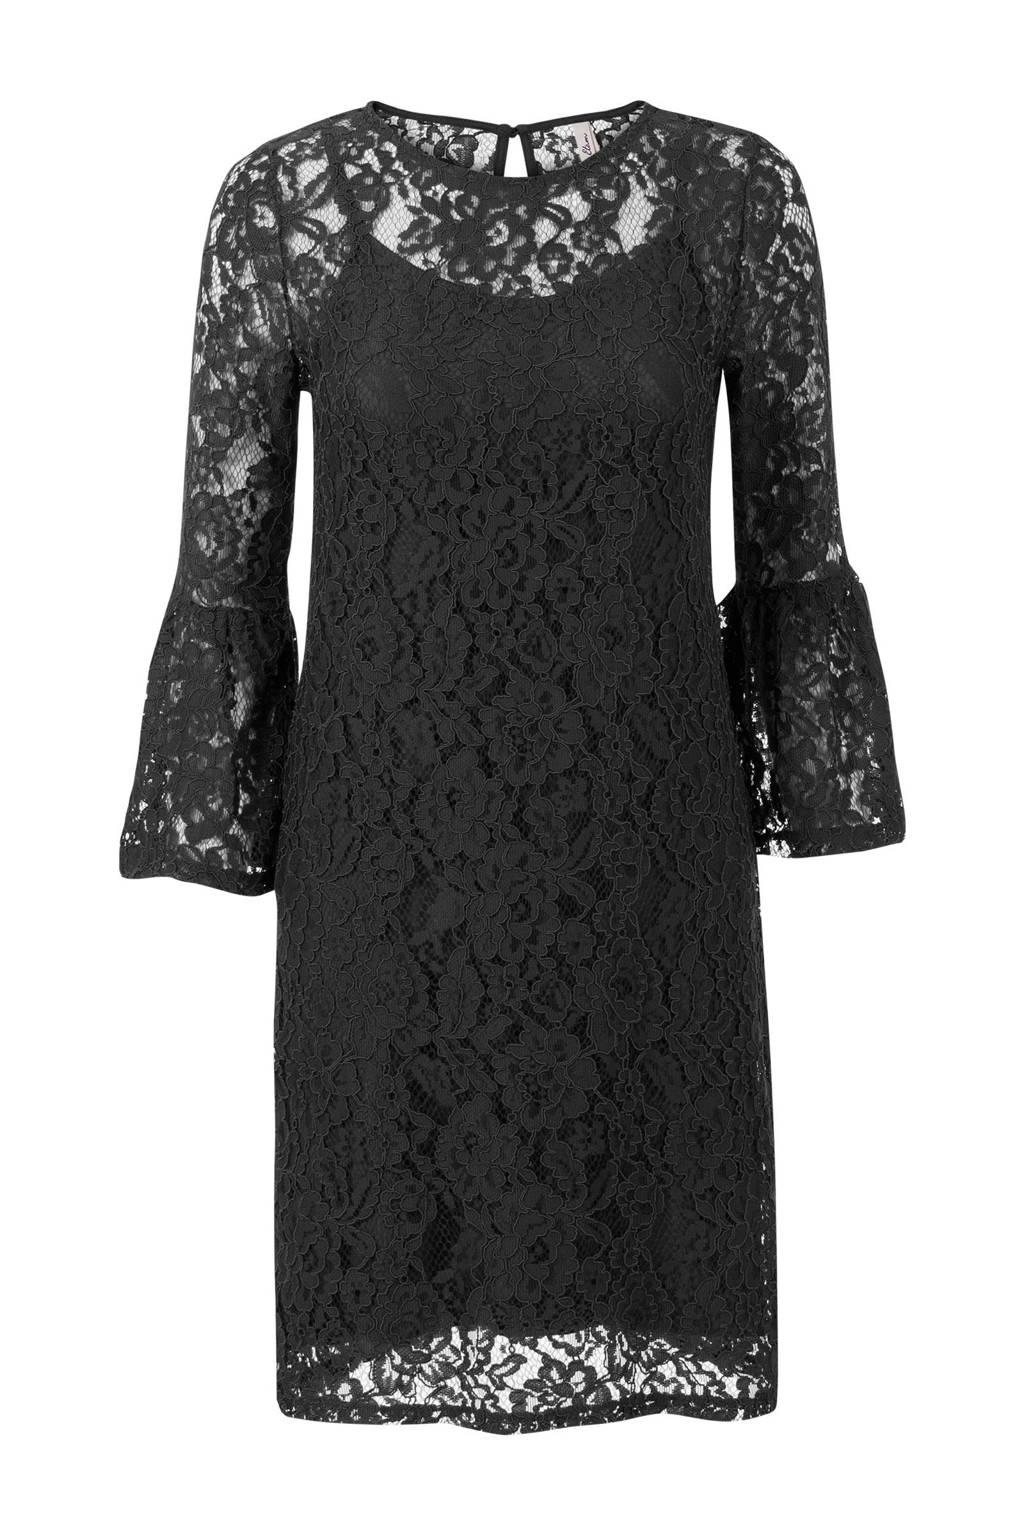 Miss Etam Regulier kanten jurk, Zwart